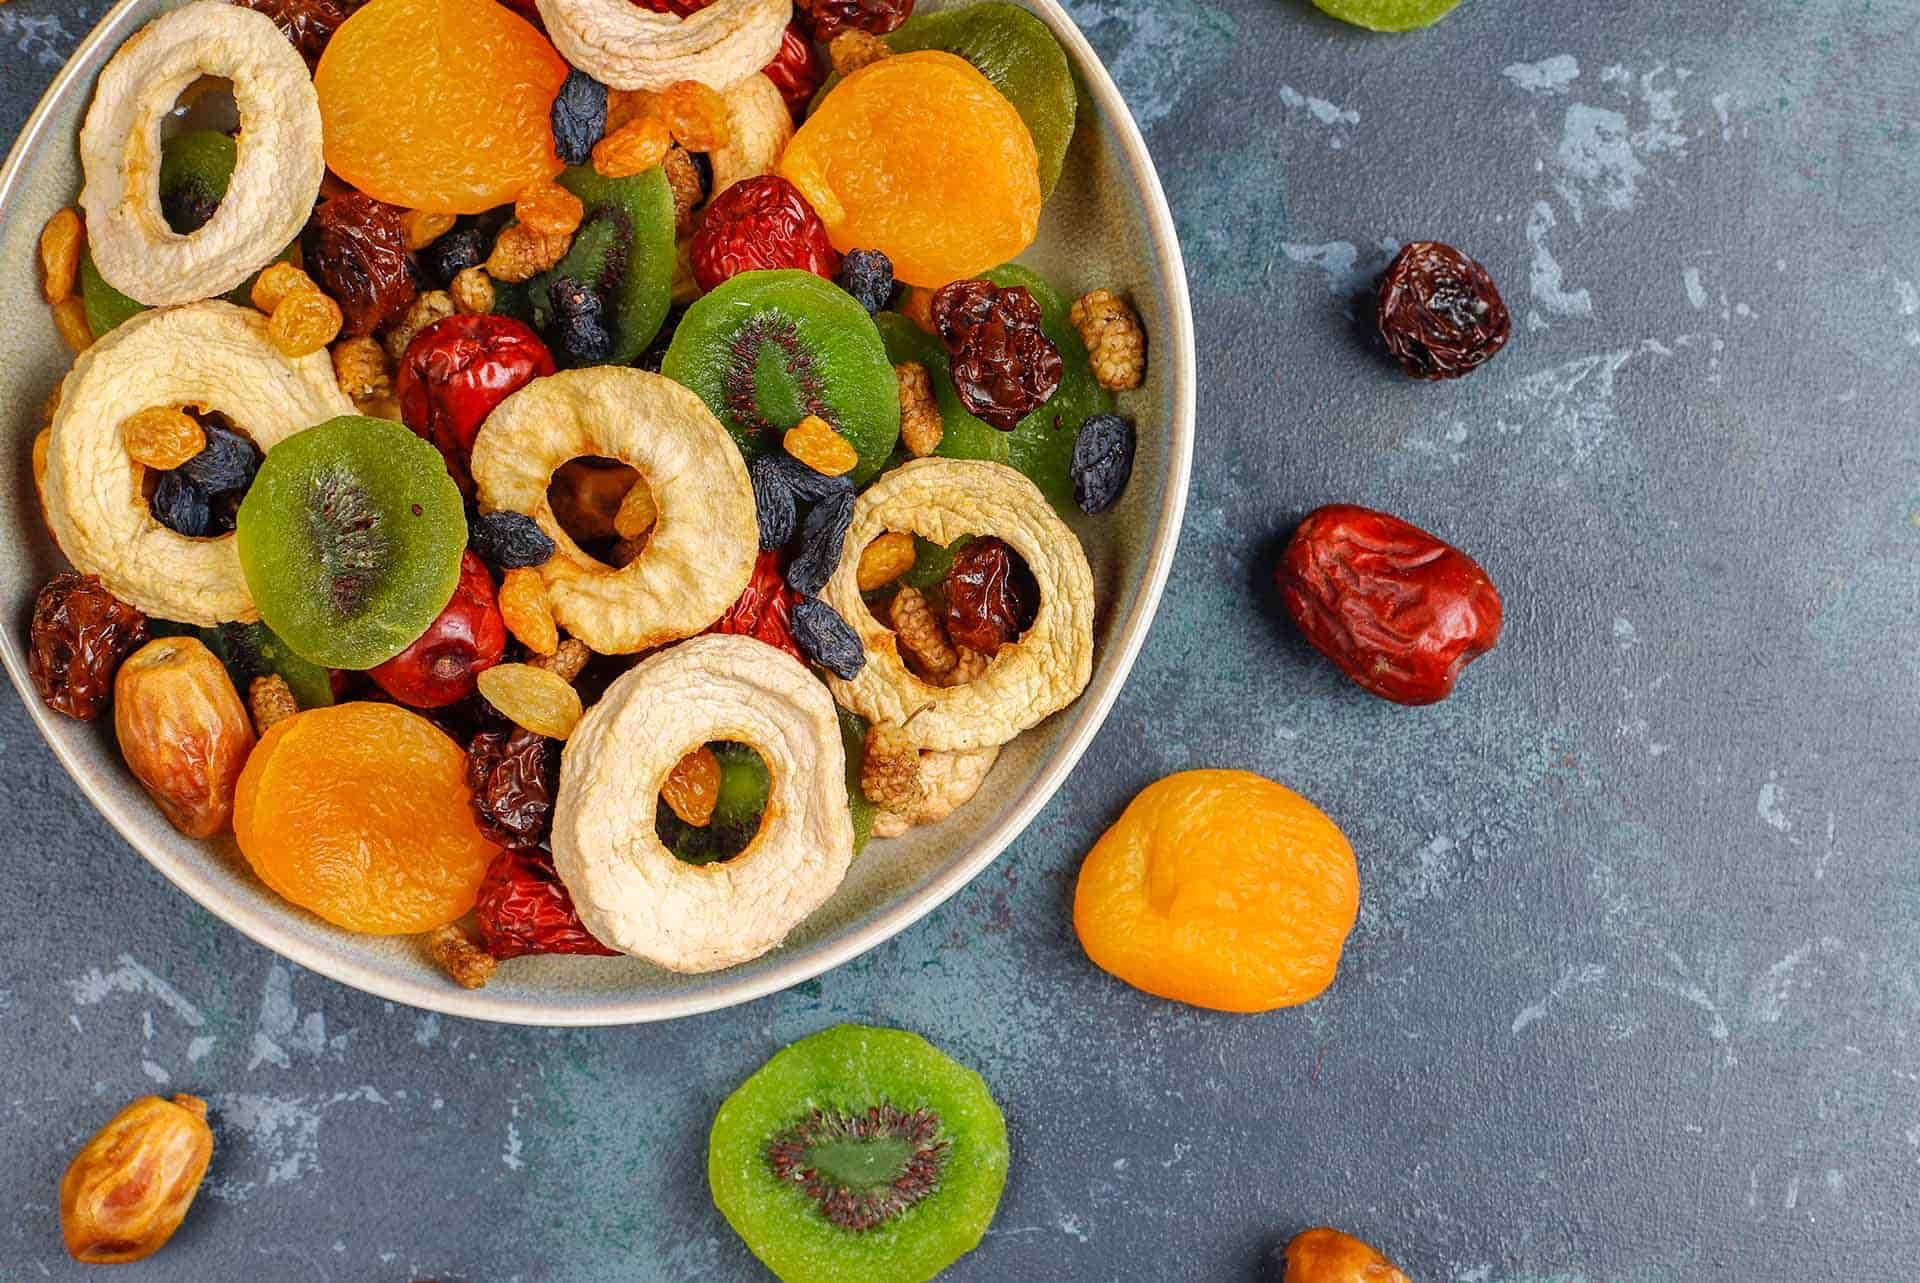 Kuru Meyveler Sağlıklı Mı?